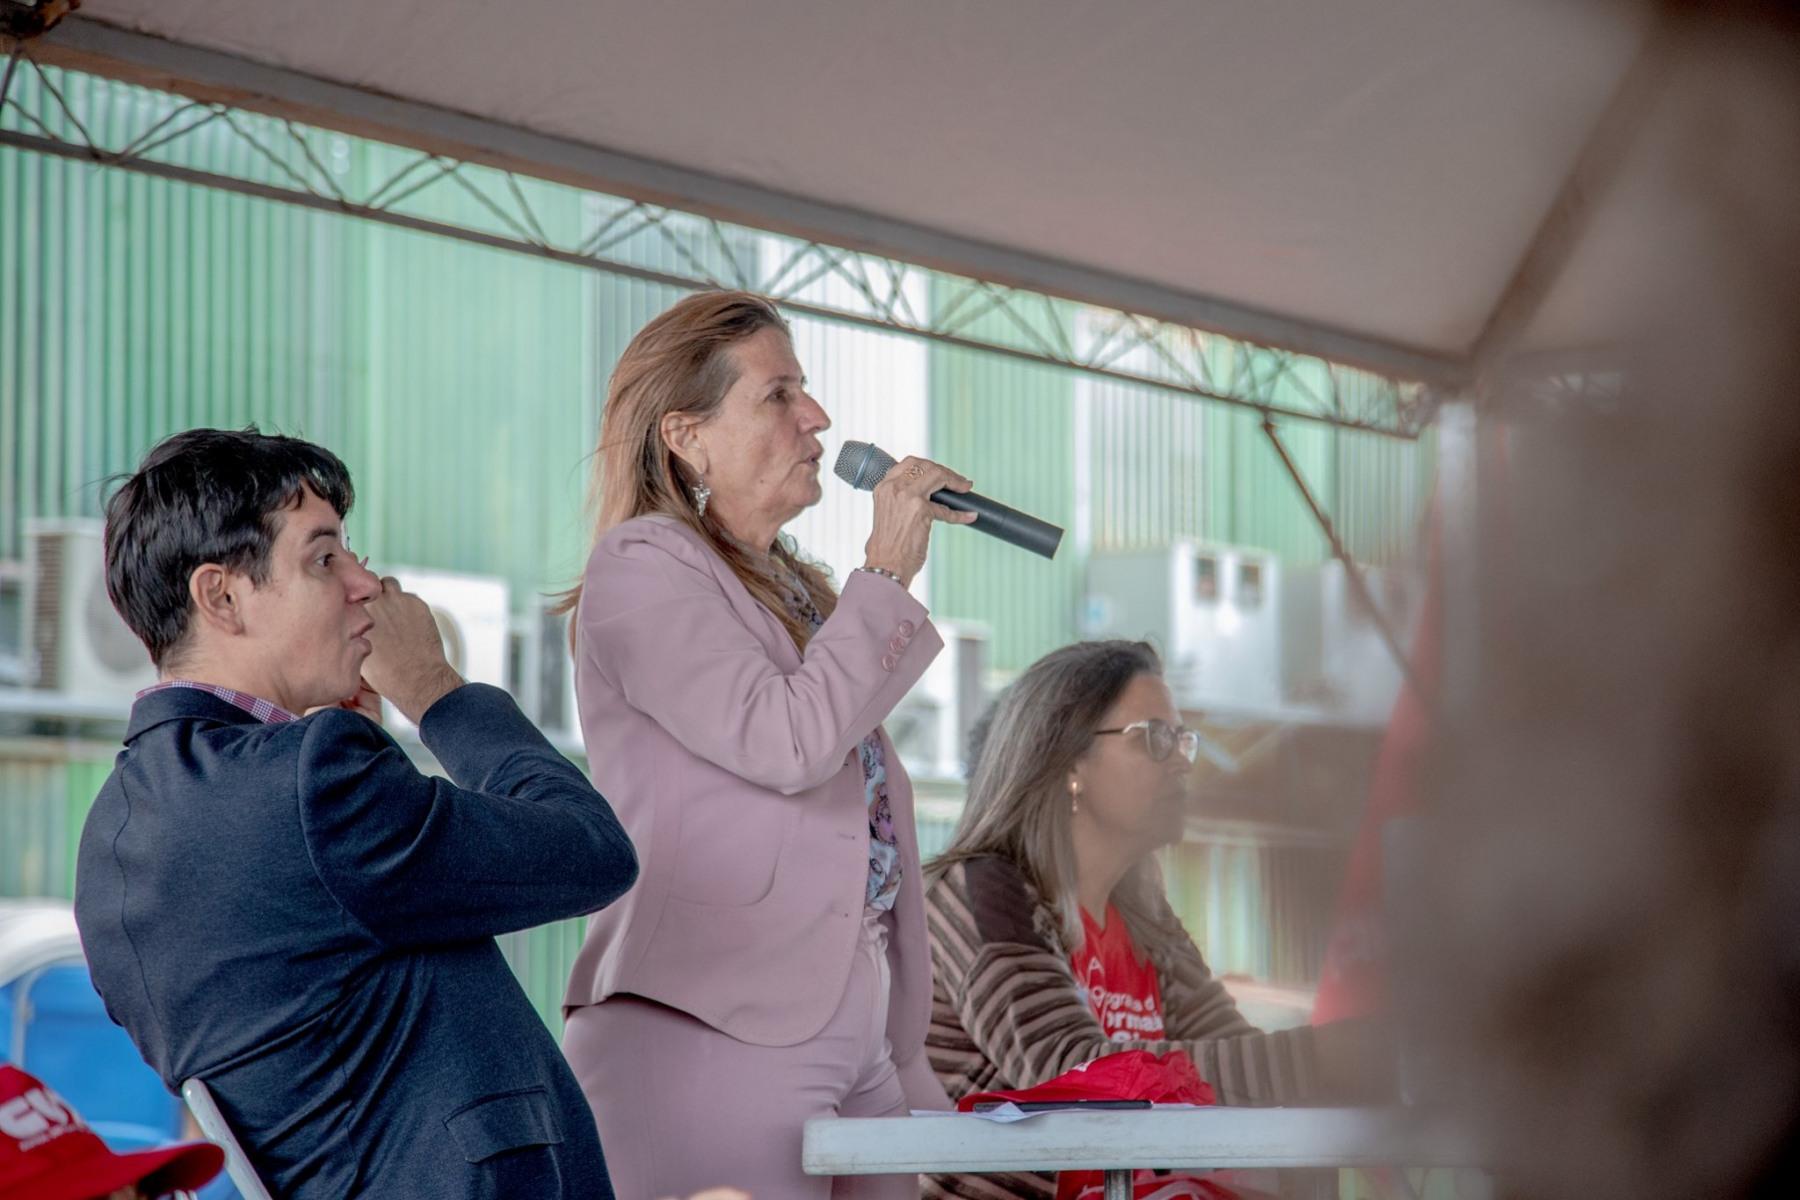 2020.01.24_Ato-em-defesa-do-Servico-Publico-e-dos-direitos-dos-aposentados_fotos-ECOM-19